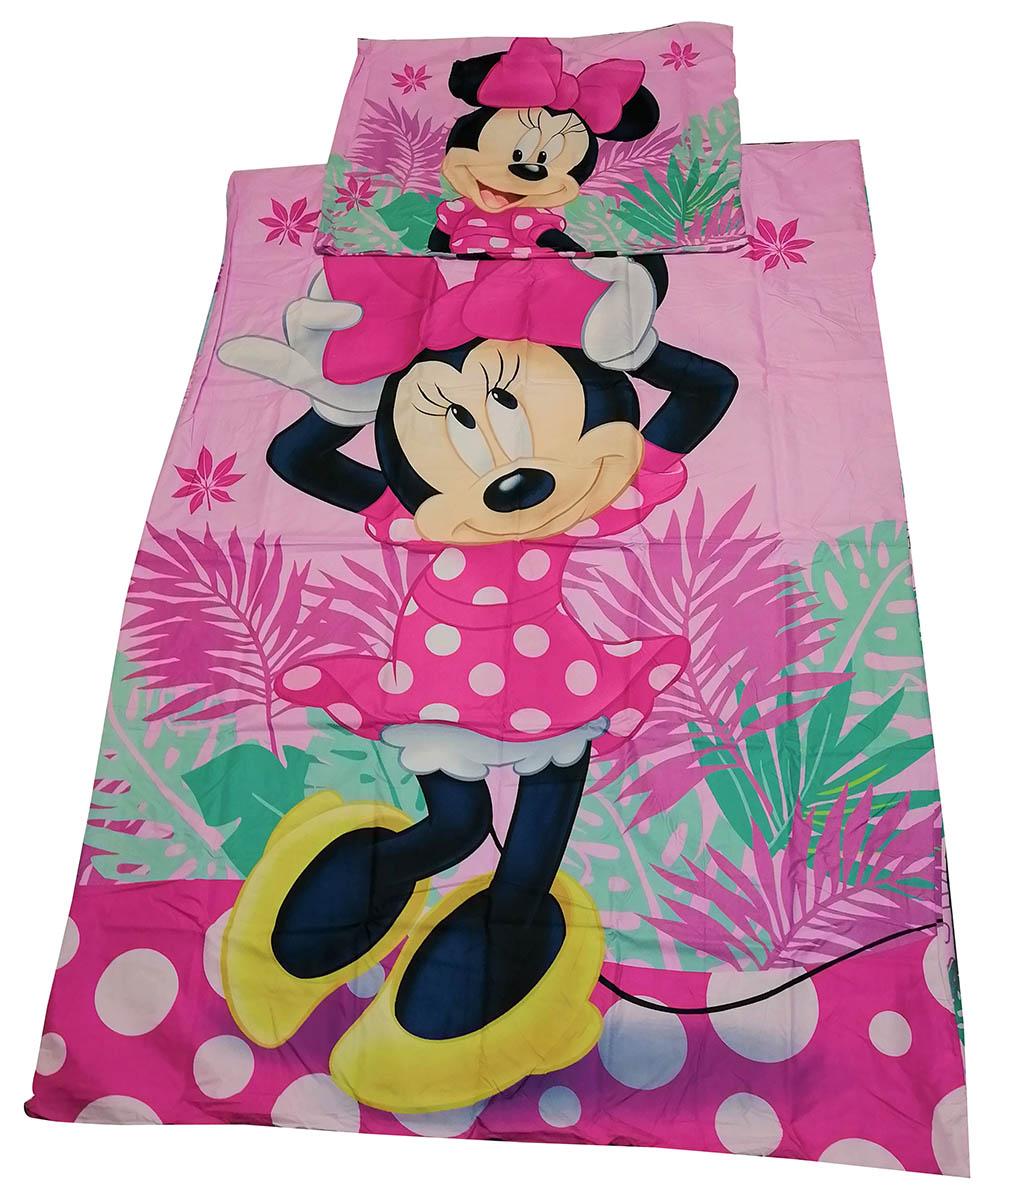 Disney Bettwäsche-Set Minnie Maus Tropic, 100 % Polyester, 140 x 200 + 70 x 90 cm